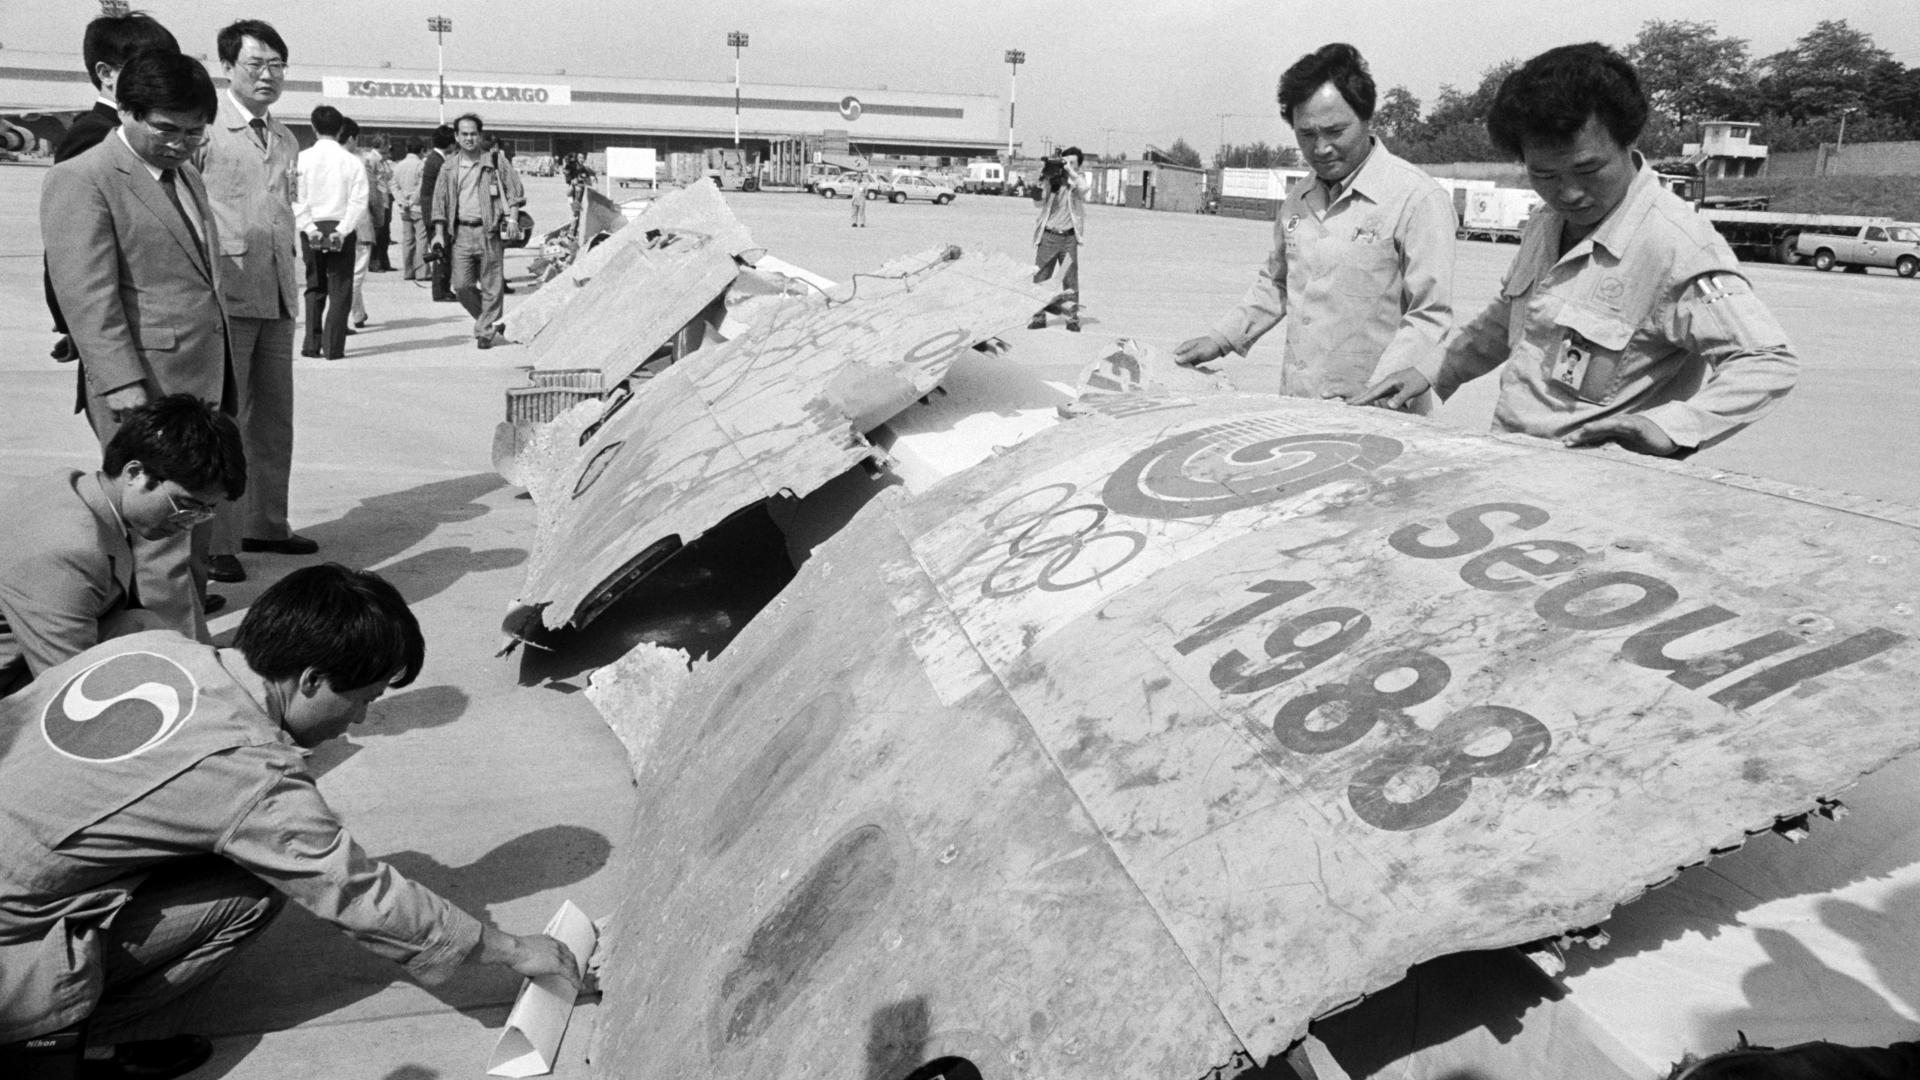 Wreckage of Korean Air flight 858. (Credit: Park Chang-gi/Yonhap via AP)